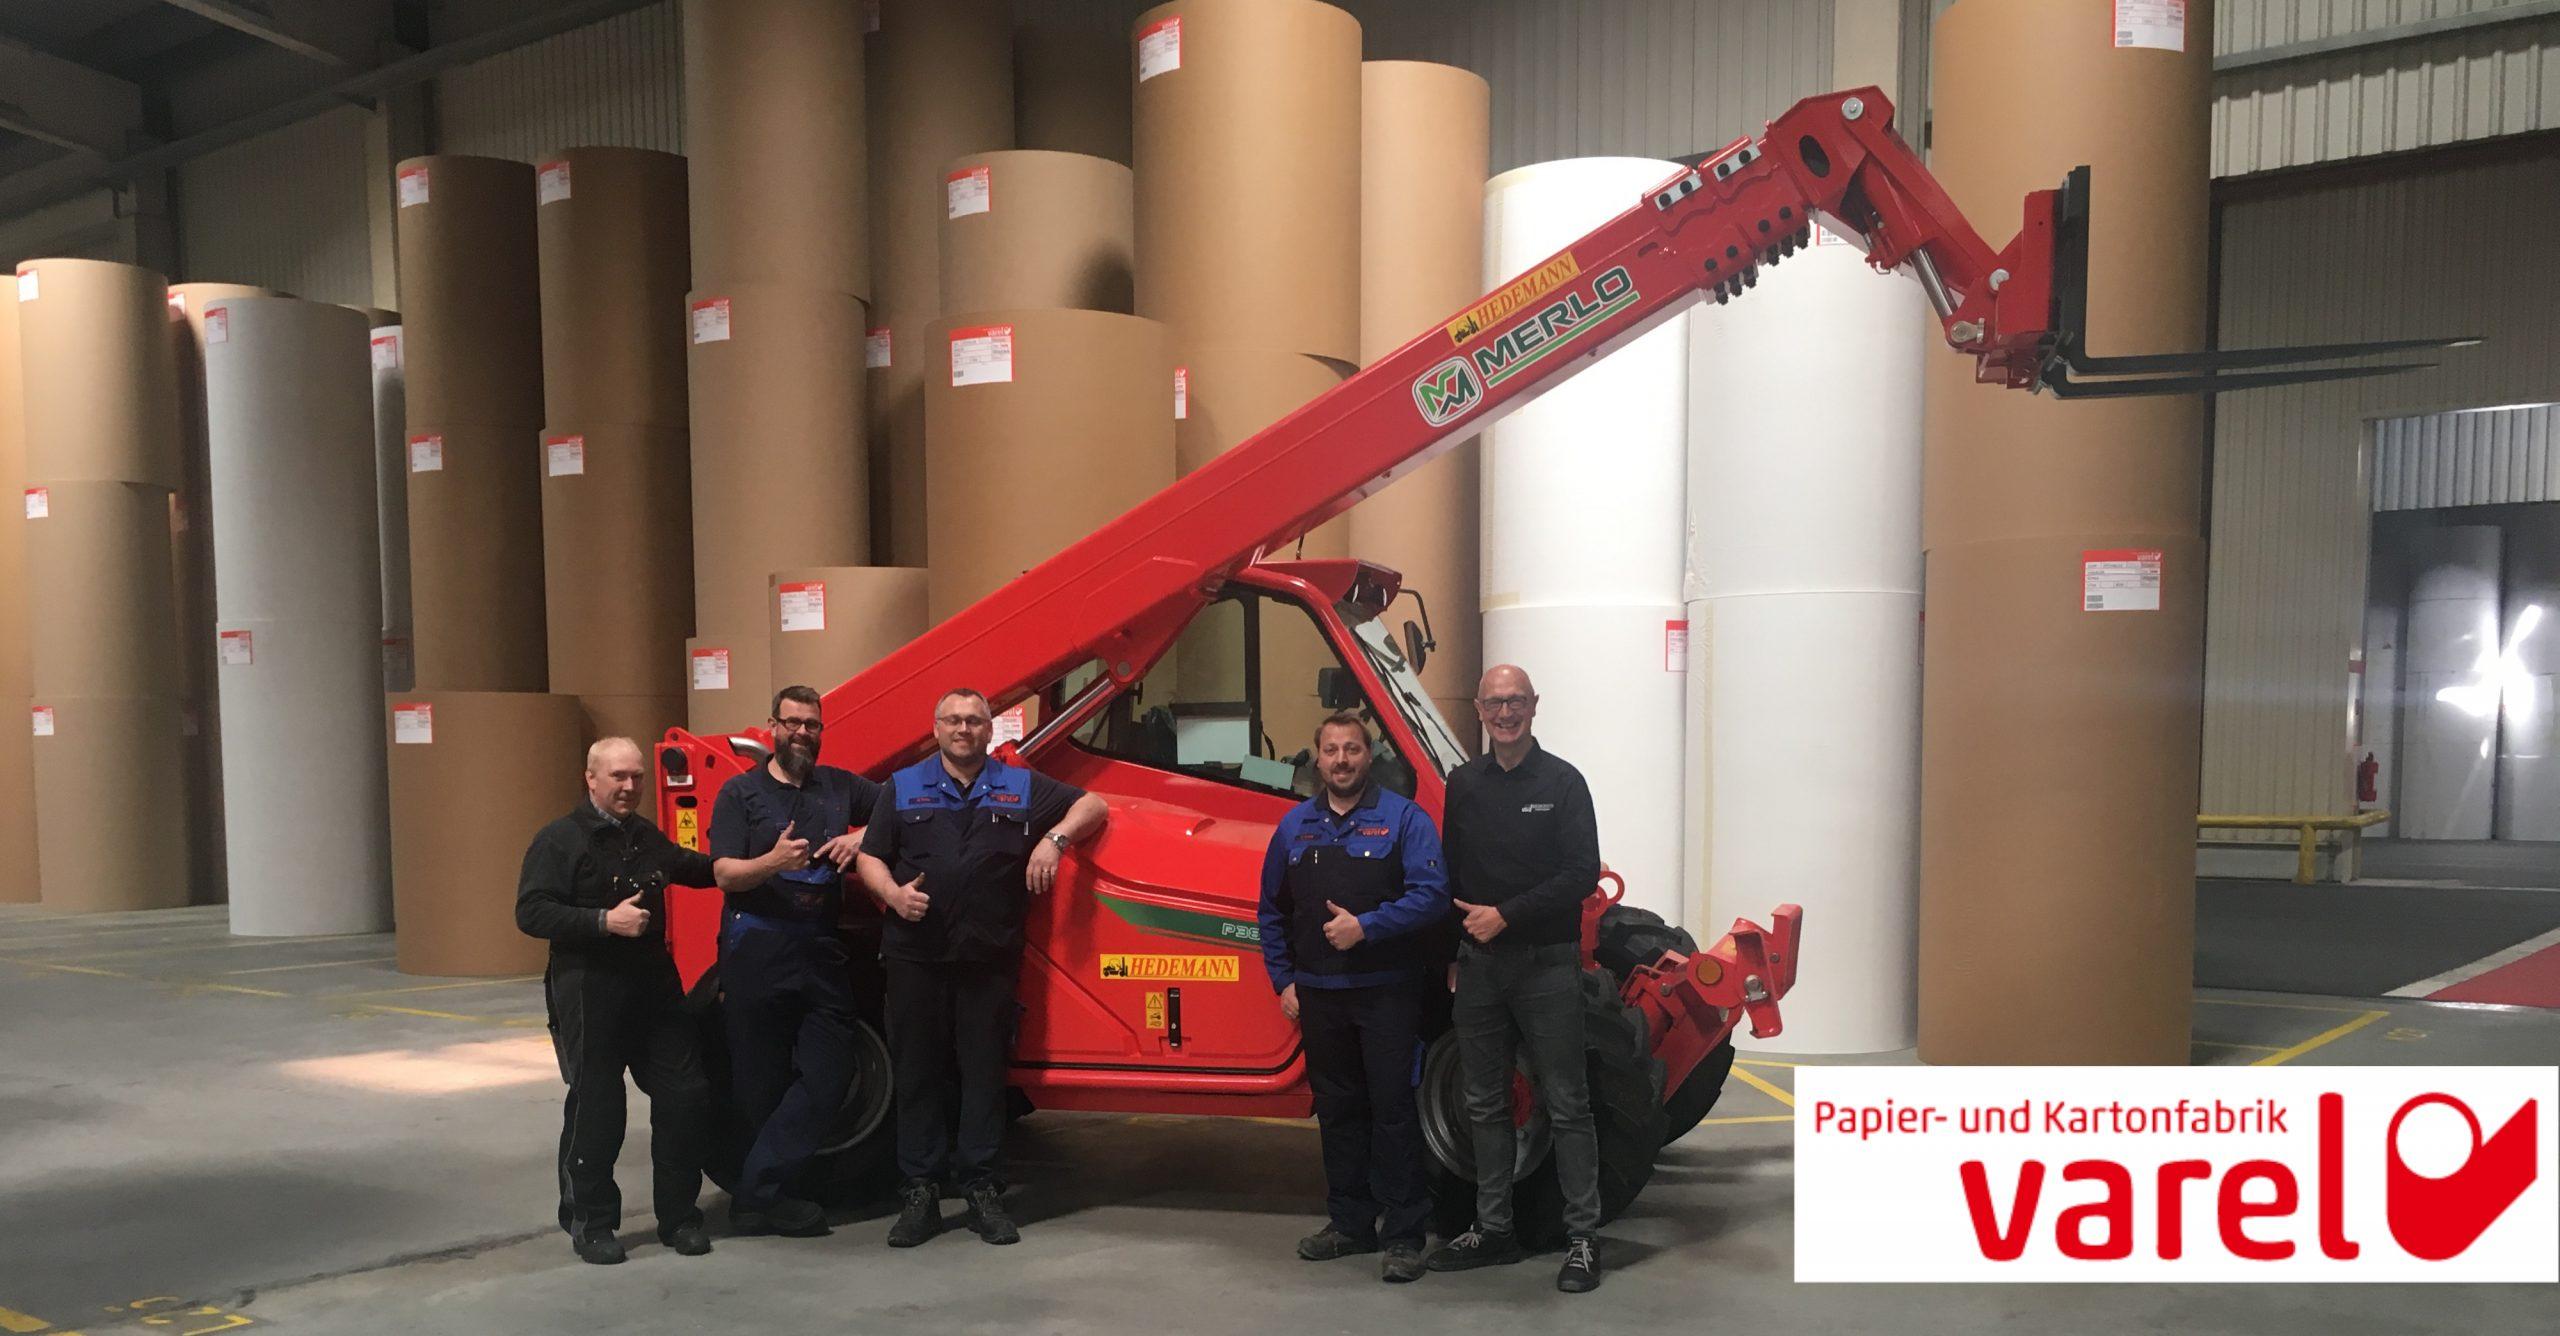 Papier- u. Kartonfabrik Varel erhält MERLO